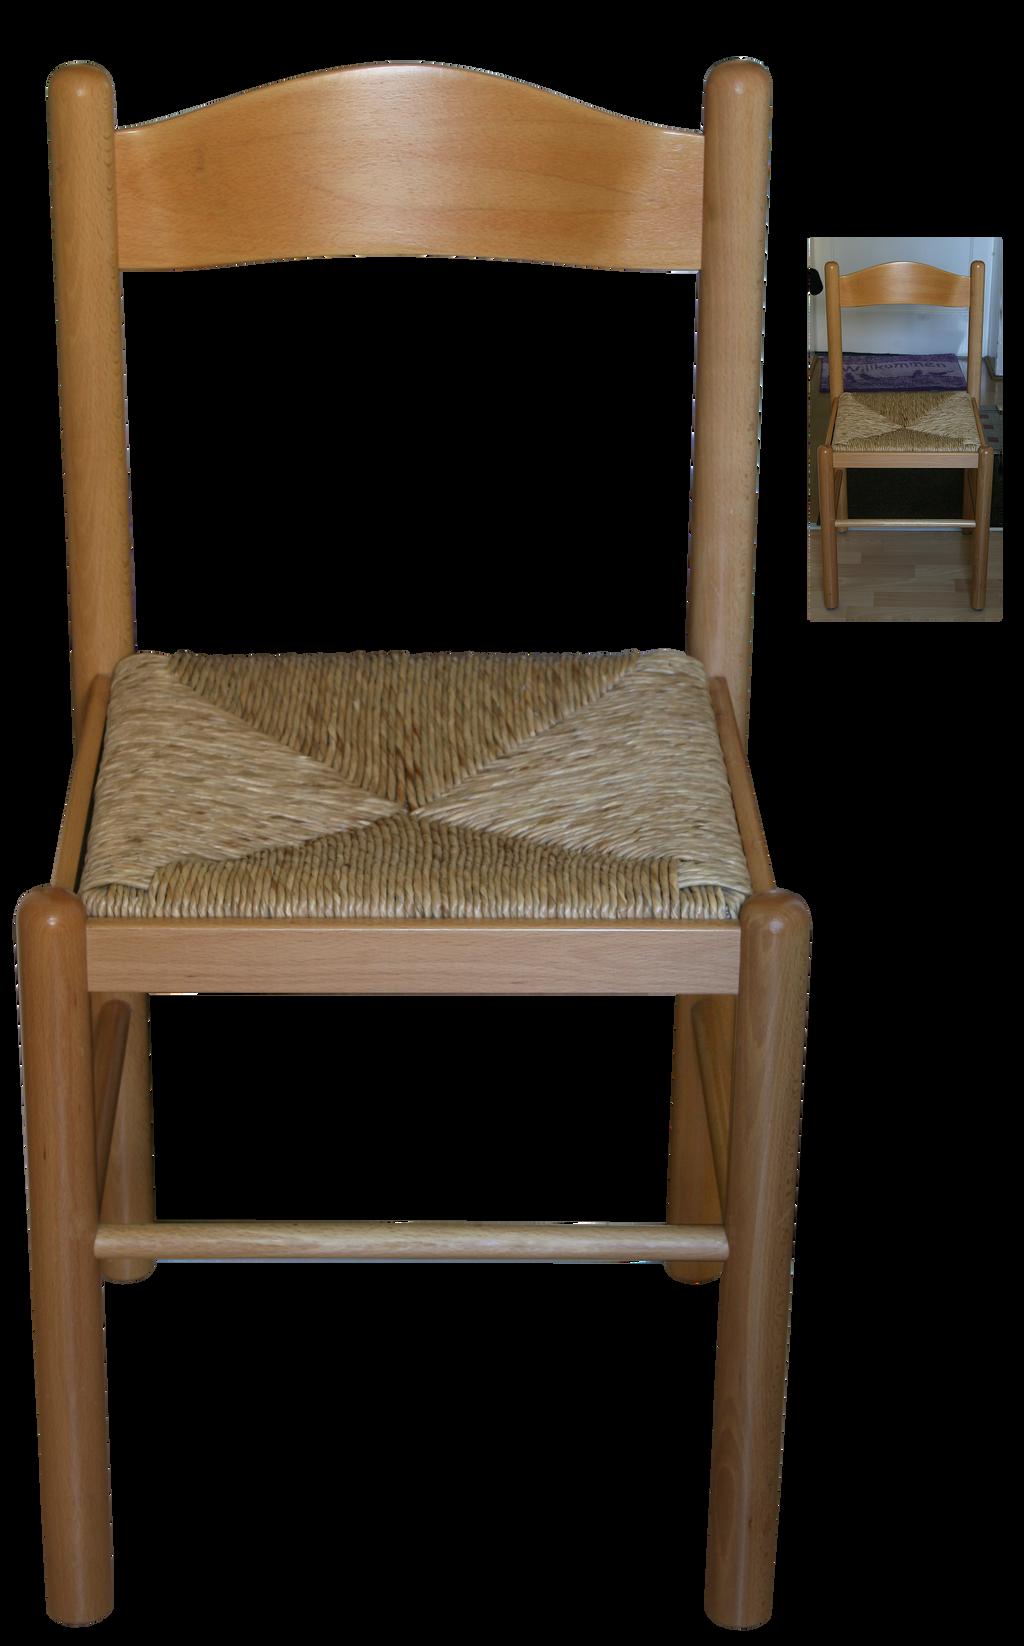 wooden kitchen chair 01 by nexu4 on deviantart